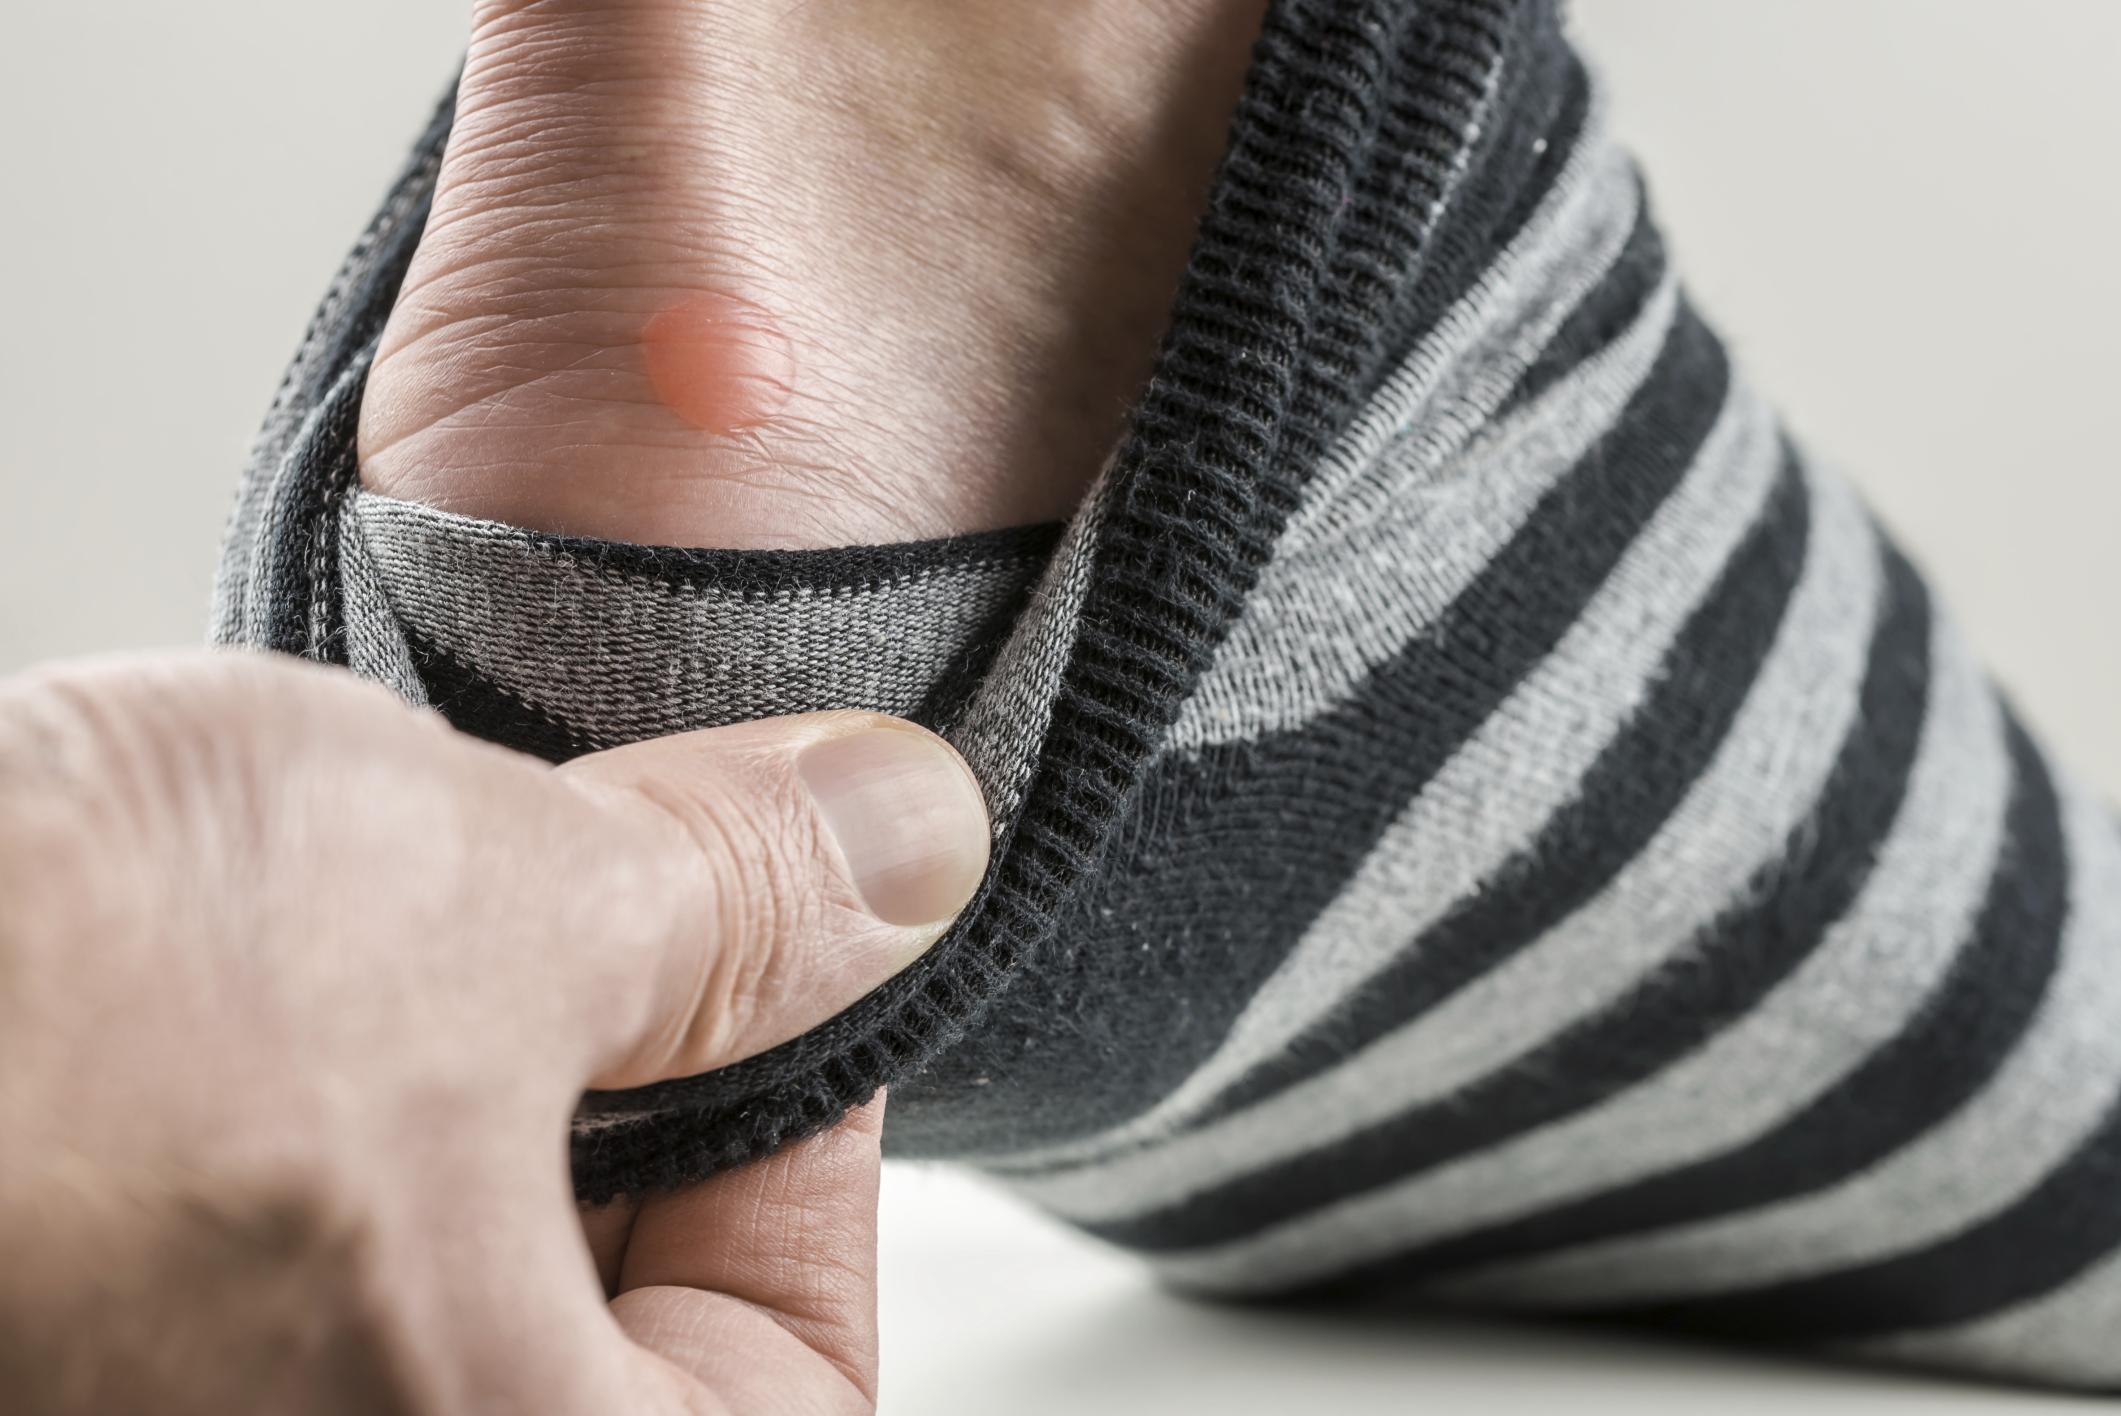 Neue Schuhe für Herbst und Winter - so vermeiden Sie Blasen und Hornhaut